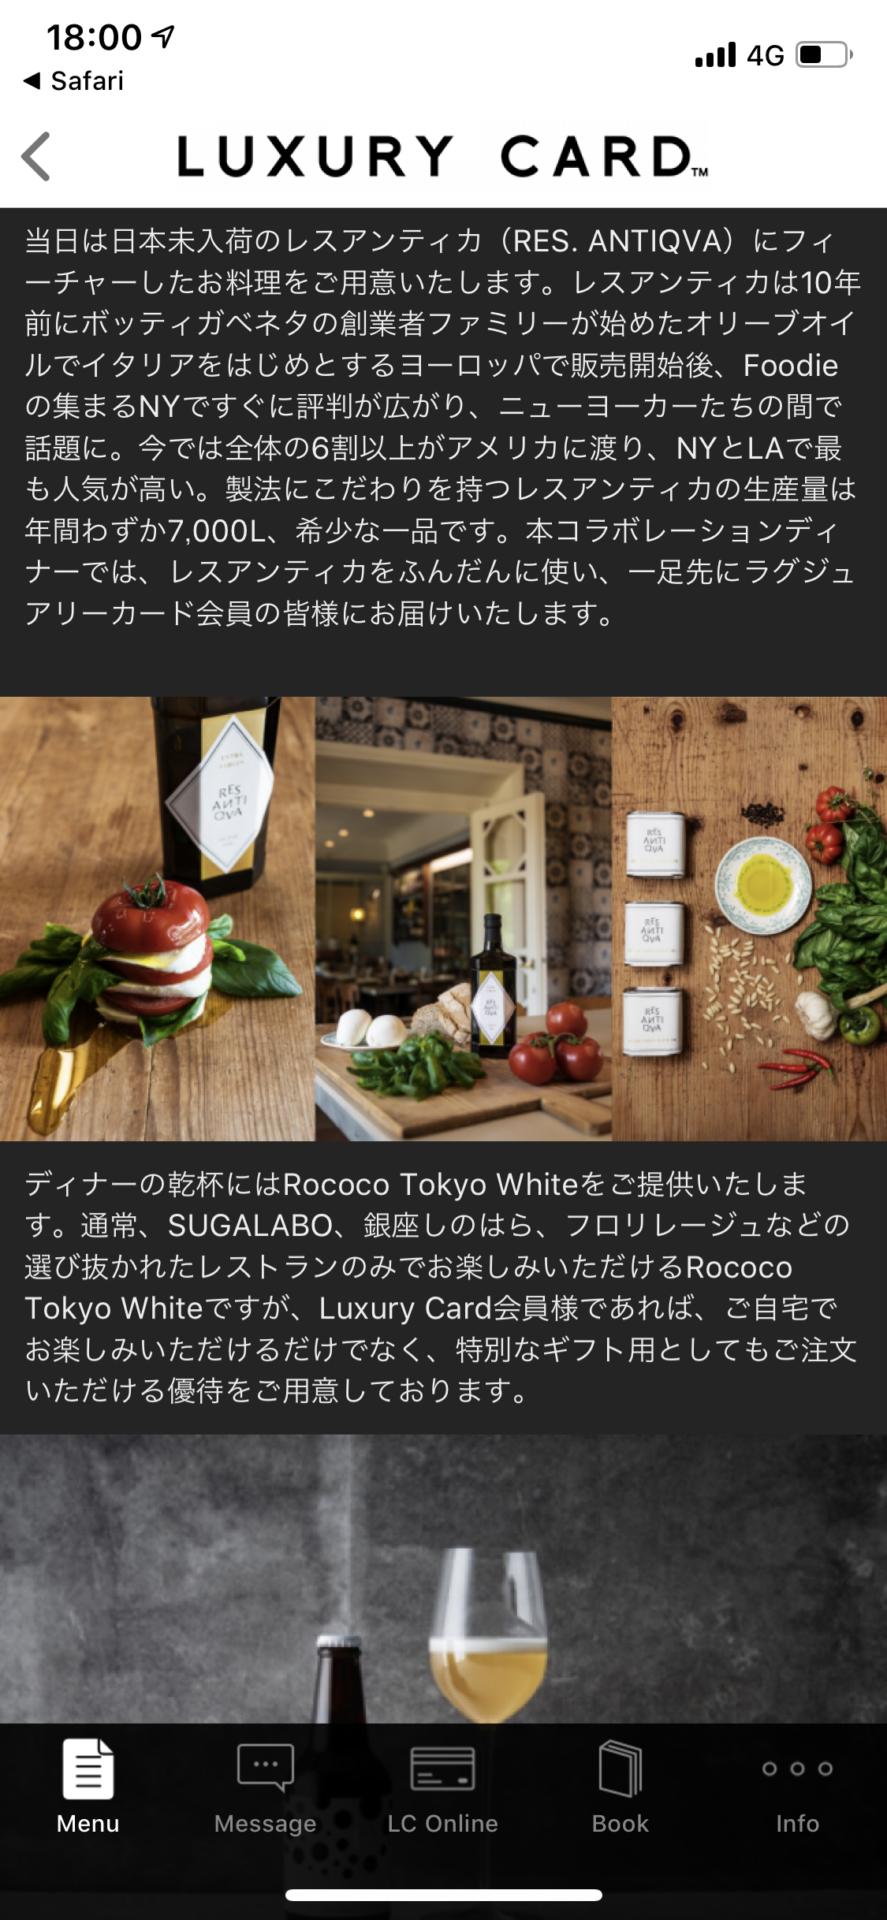 ラグジュアリーカードのスペシャルコラボレーションディナー!ディジョルジョ×レスアンティカ (4)